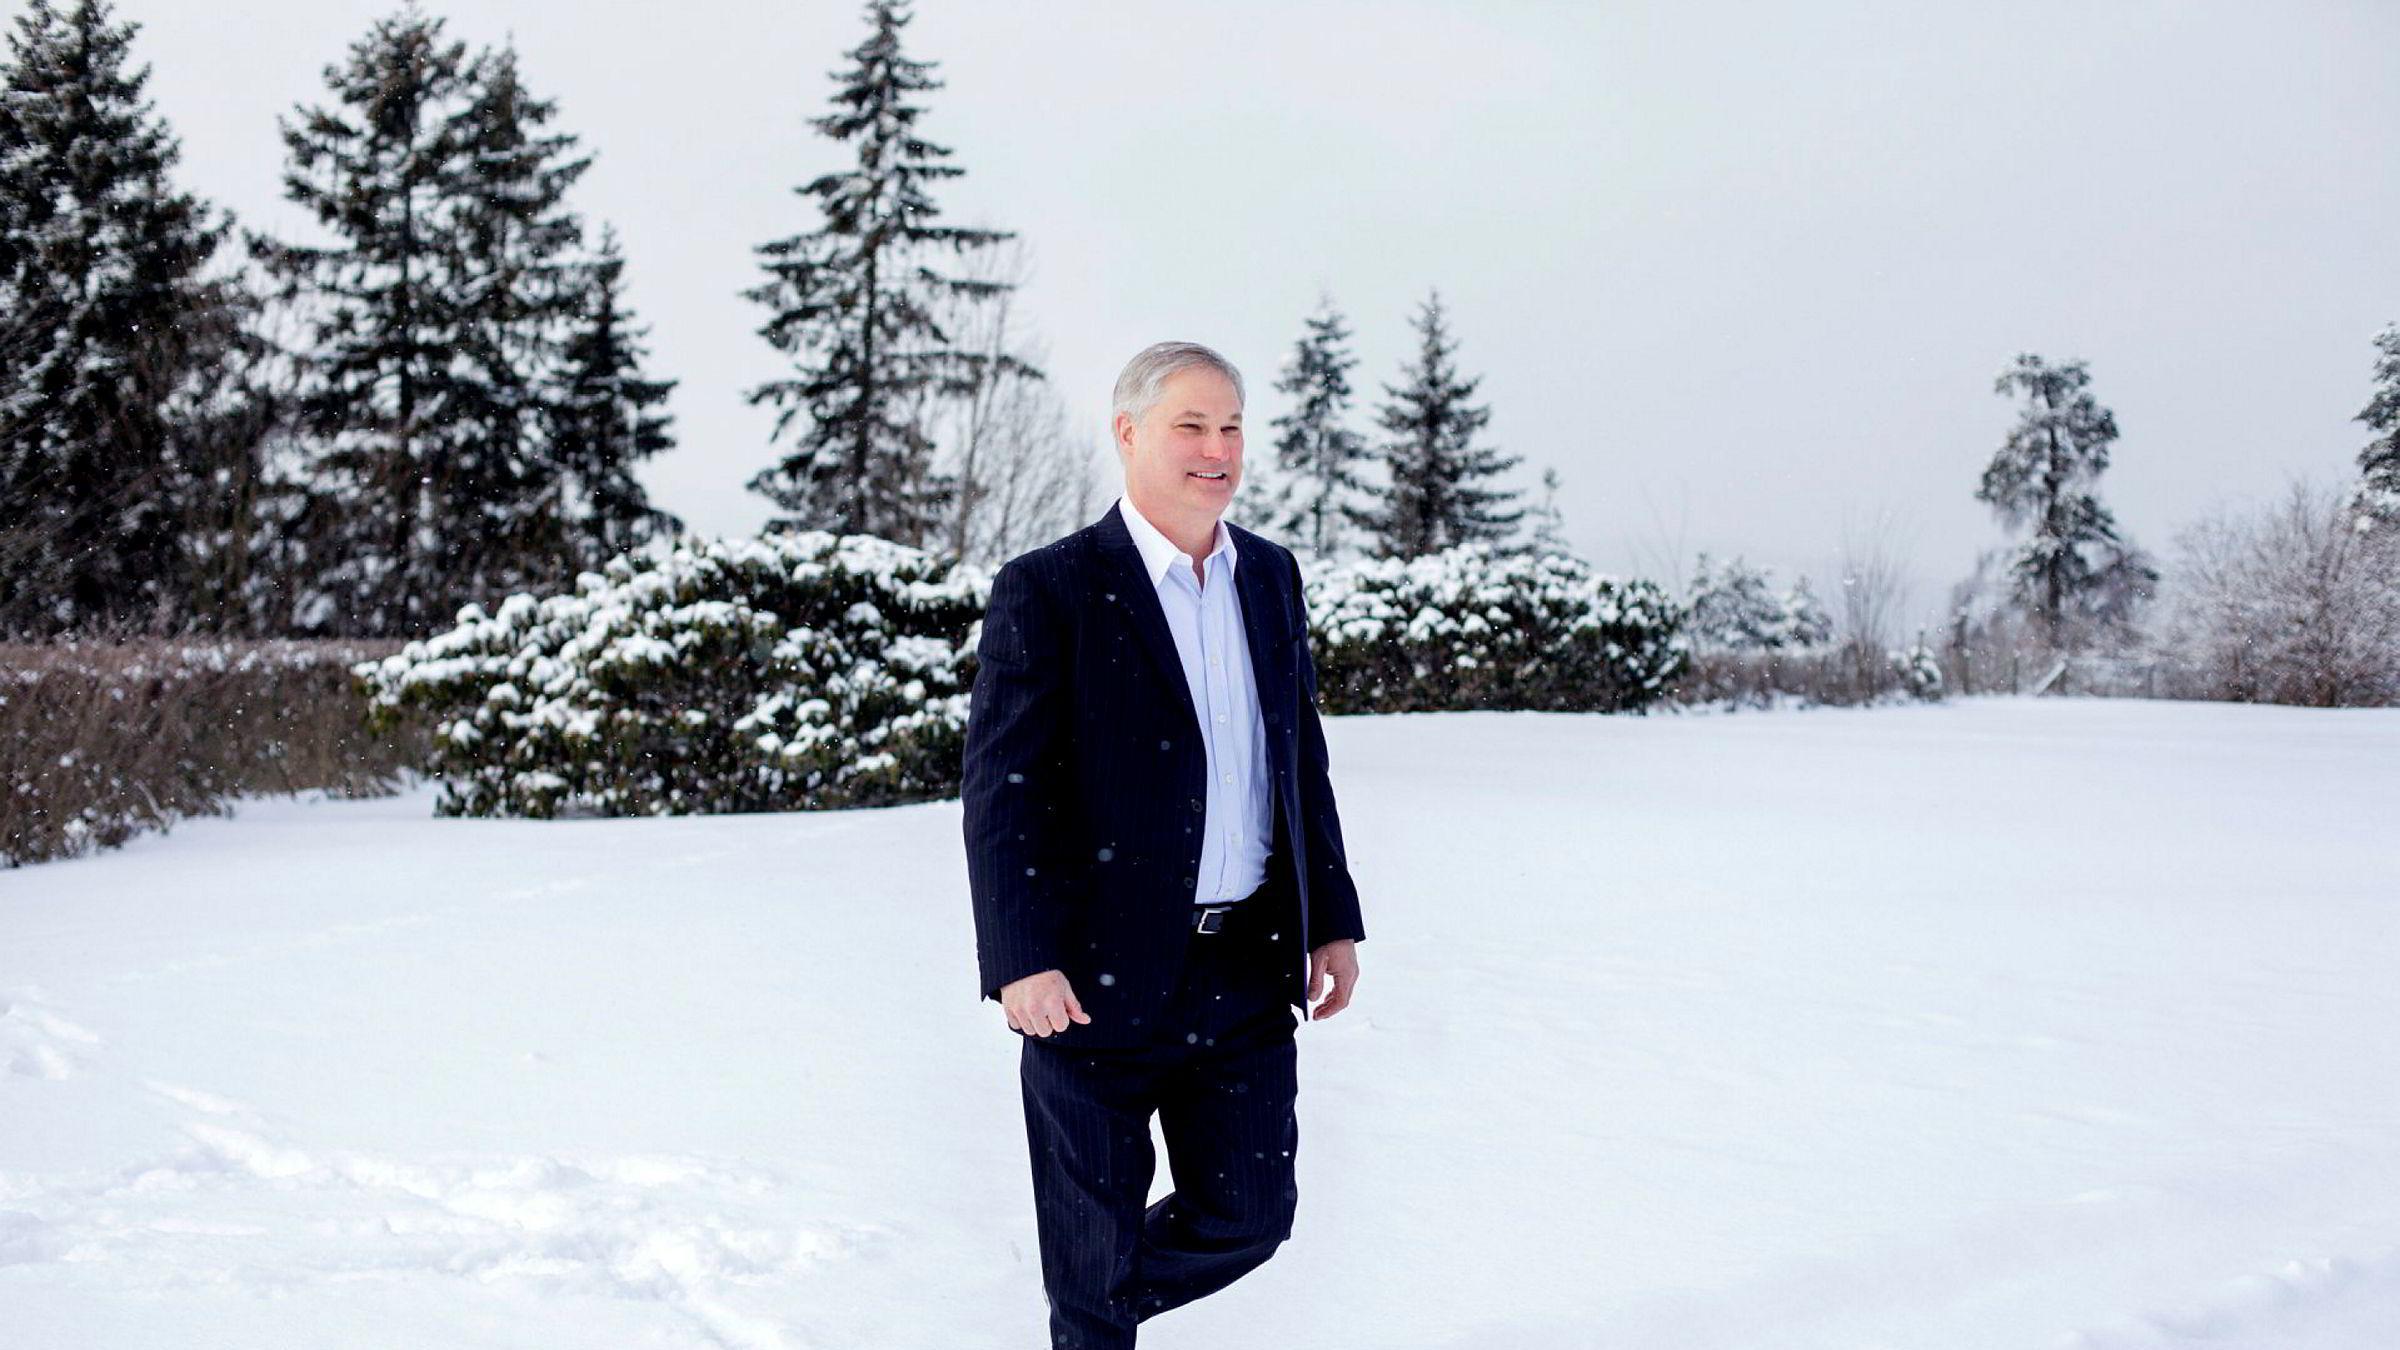 Han leder en leverandørgigant med stor virksomhet i Norge. Doug Pferdehirt, fersk konsernsjef i TechnipFMC, lover friske tanker for å få ned kostnadene på sokkelen. Her vasser han i snøen utenfor Holmenkollen Park Hotel, hvor Oslo Energy Forum arrangeres.